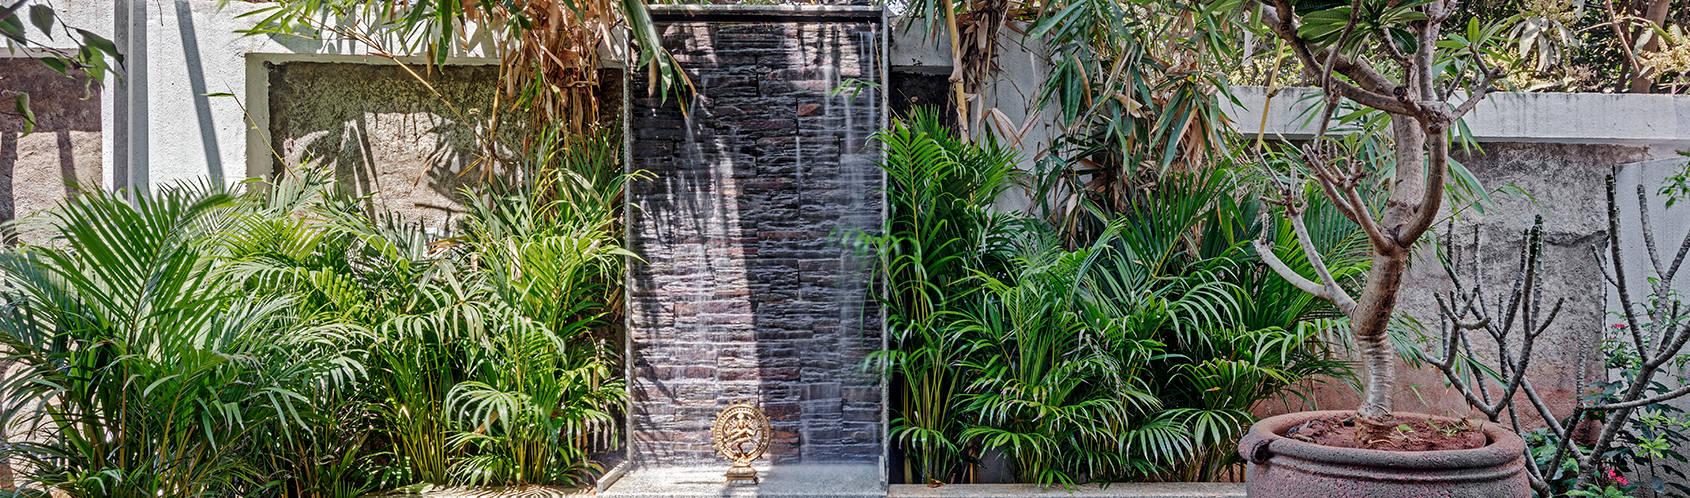 M/S Ashwin Architects